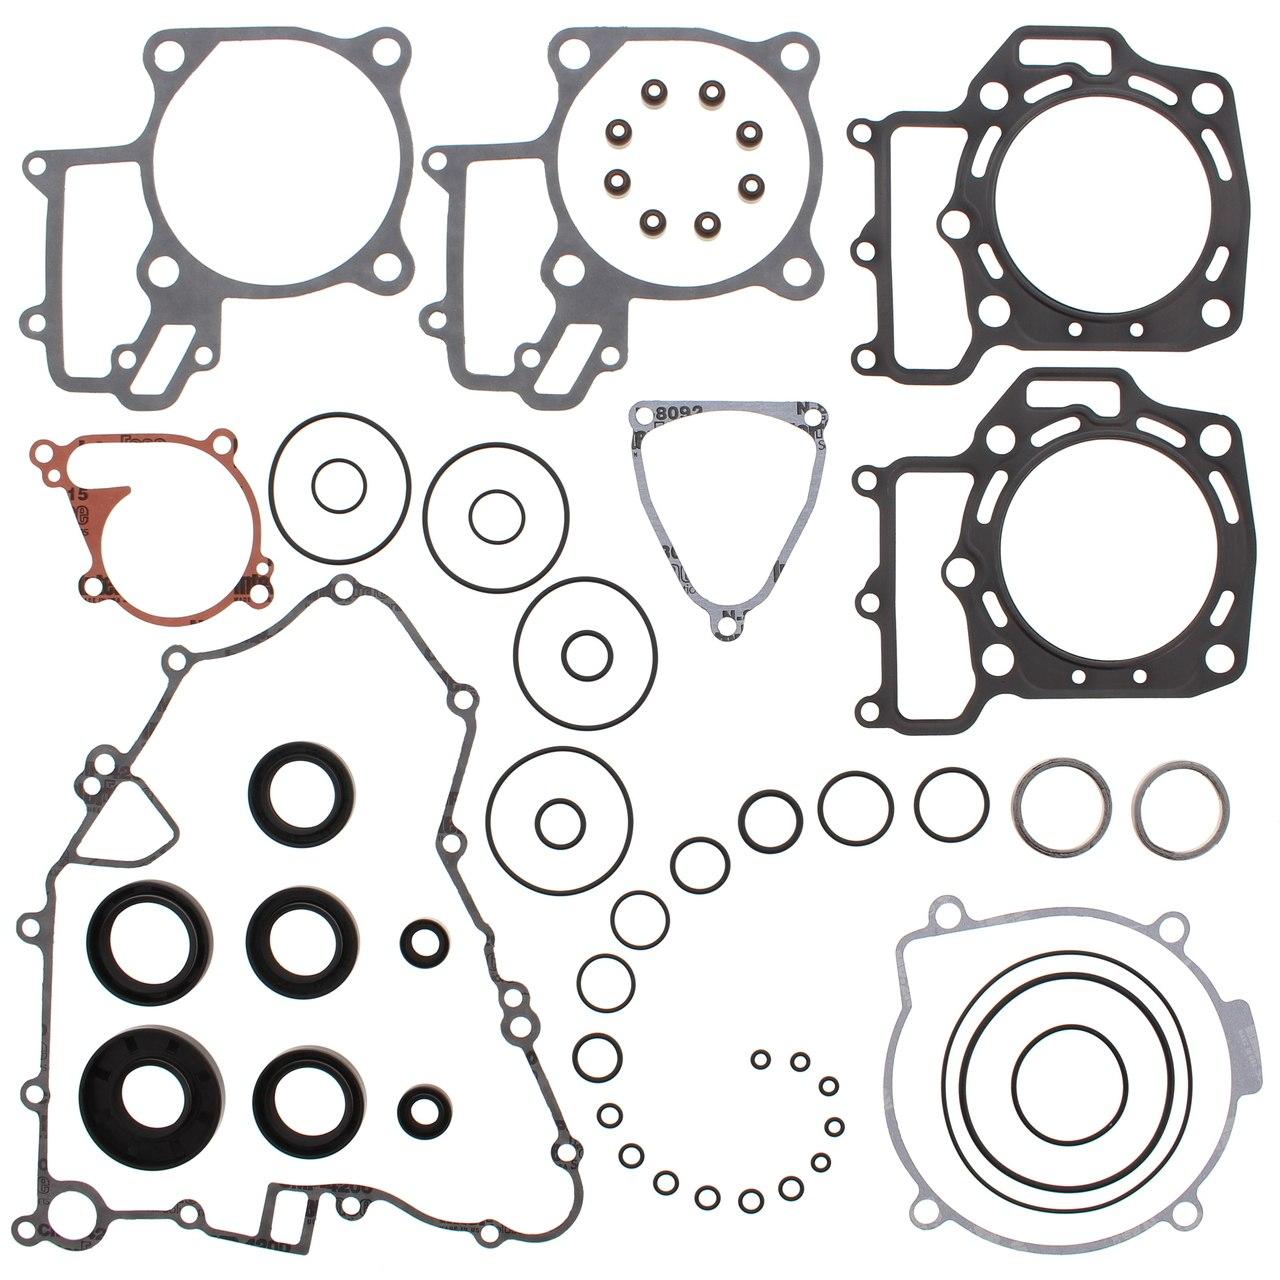 Complete Gasket Kit W Oil Seals Kawasaki Teryx 750 4x4